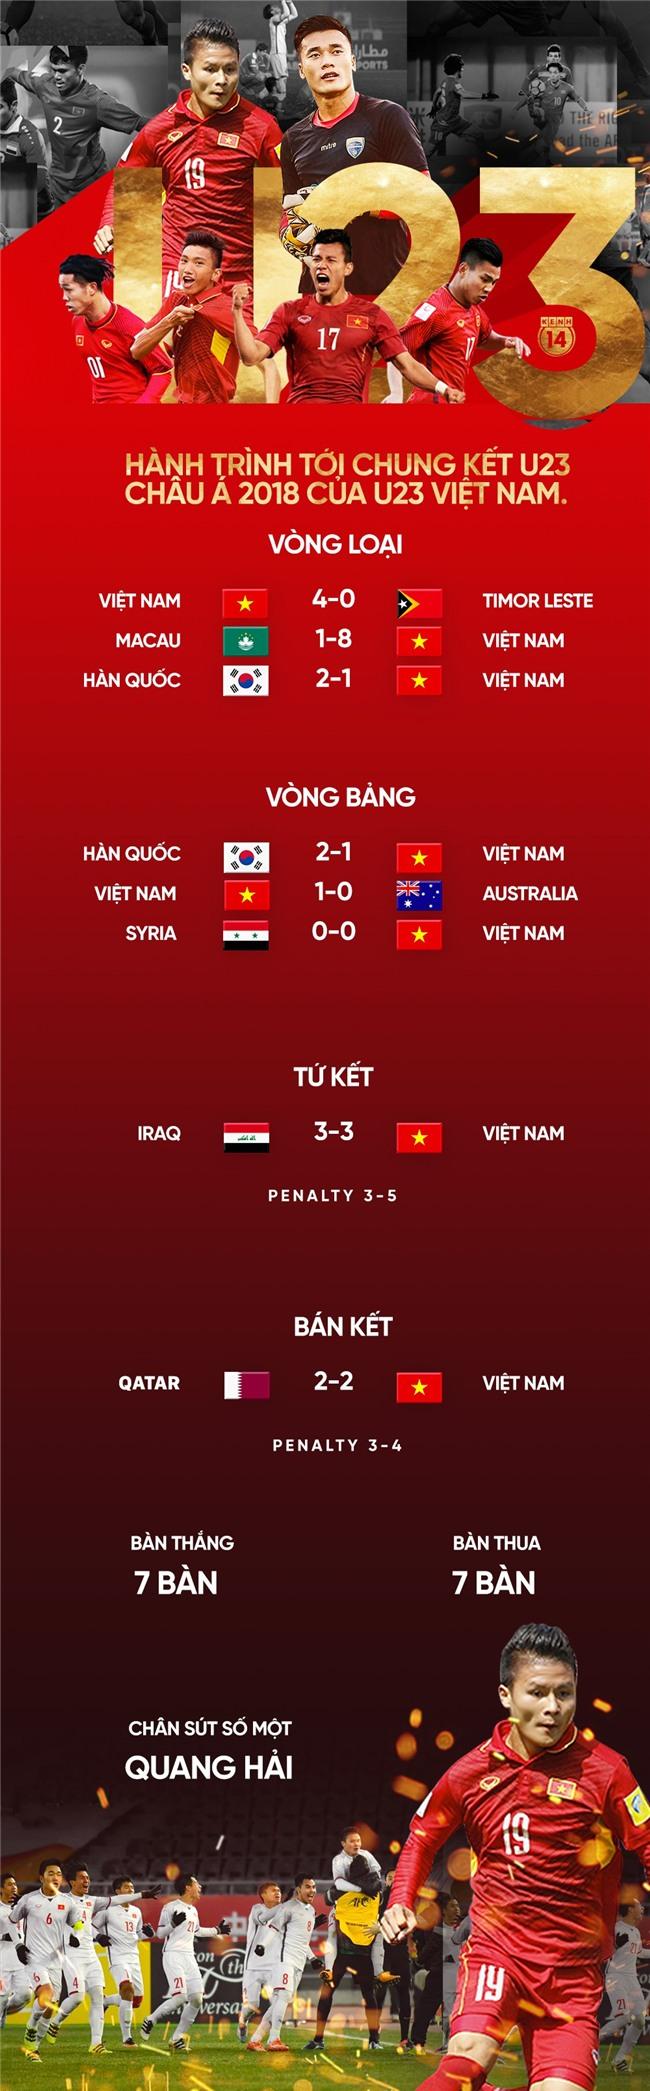 U23 Việt Nam và hành trình cảm xúc vào chung kết giải U23 châu Á - Ảnh 1.